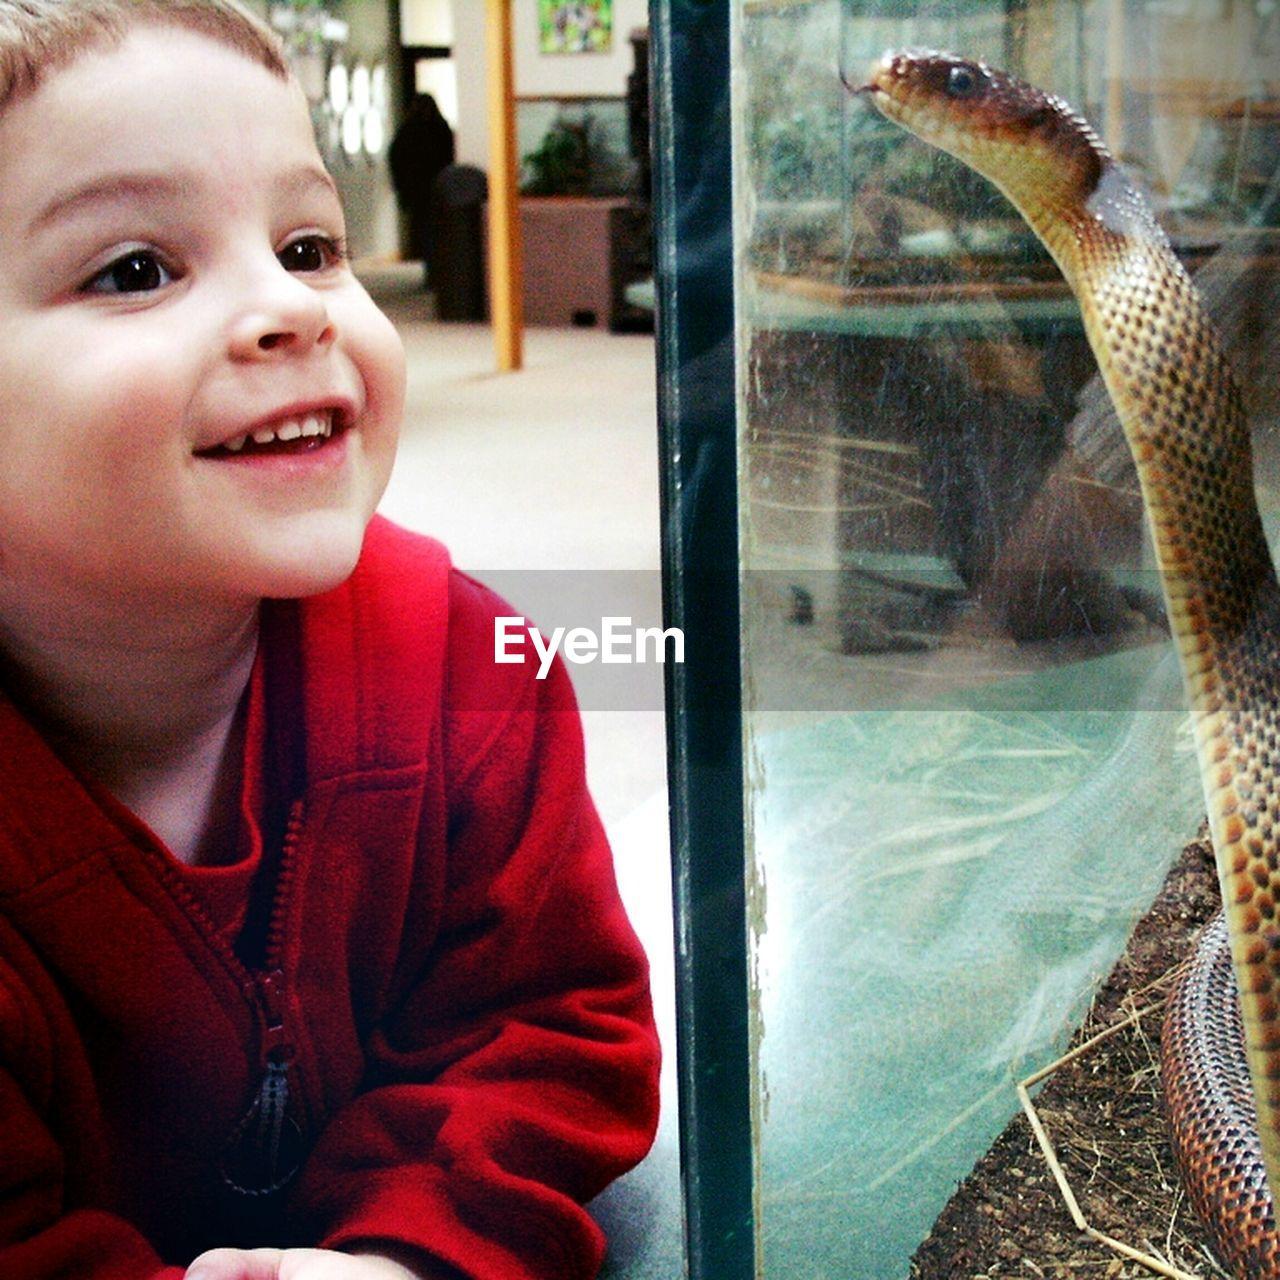 Boy smiling at snake